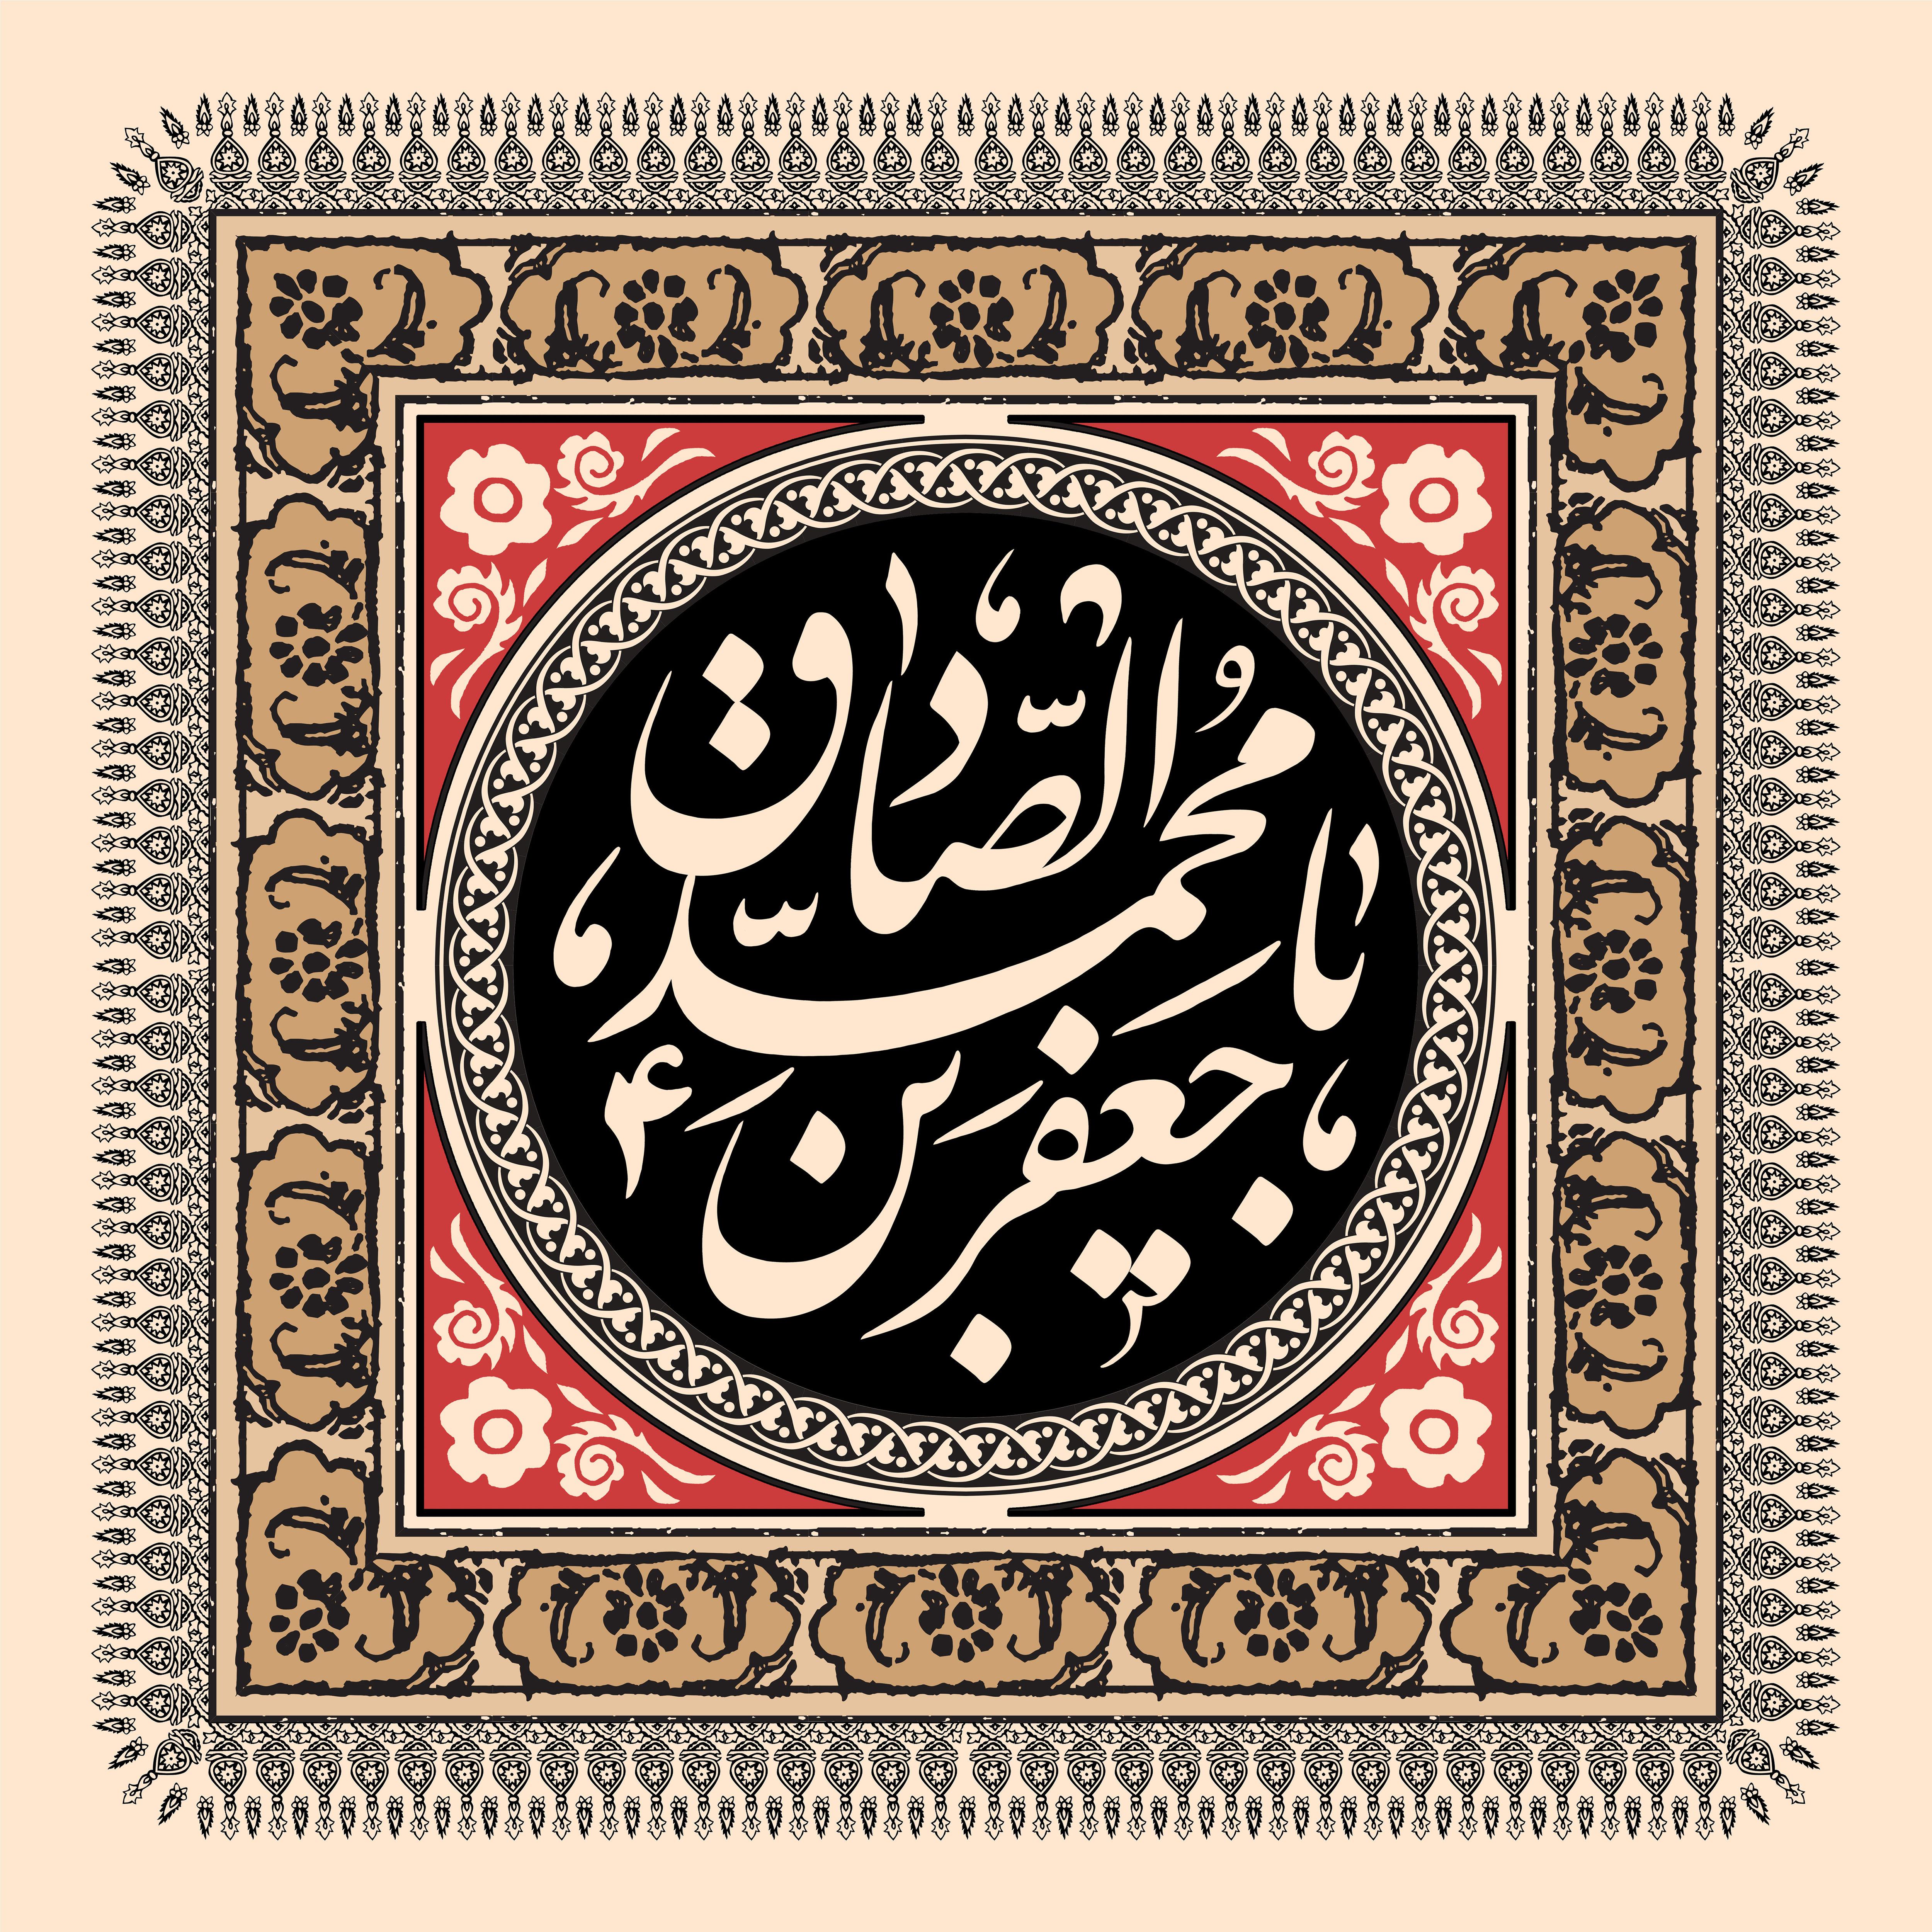 امام جعفر صادق علیه السلام ششمین پیشوای شیعیان هستند. نام ایشان «جعفر»، کنیه ایشان «ابوعبدالله» و لقبشان «صادق» است.